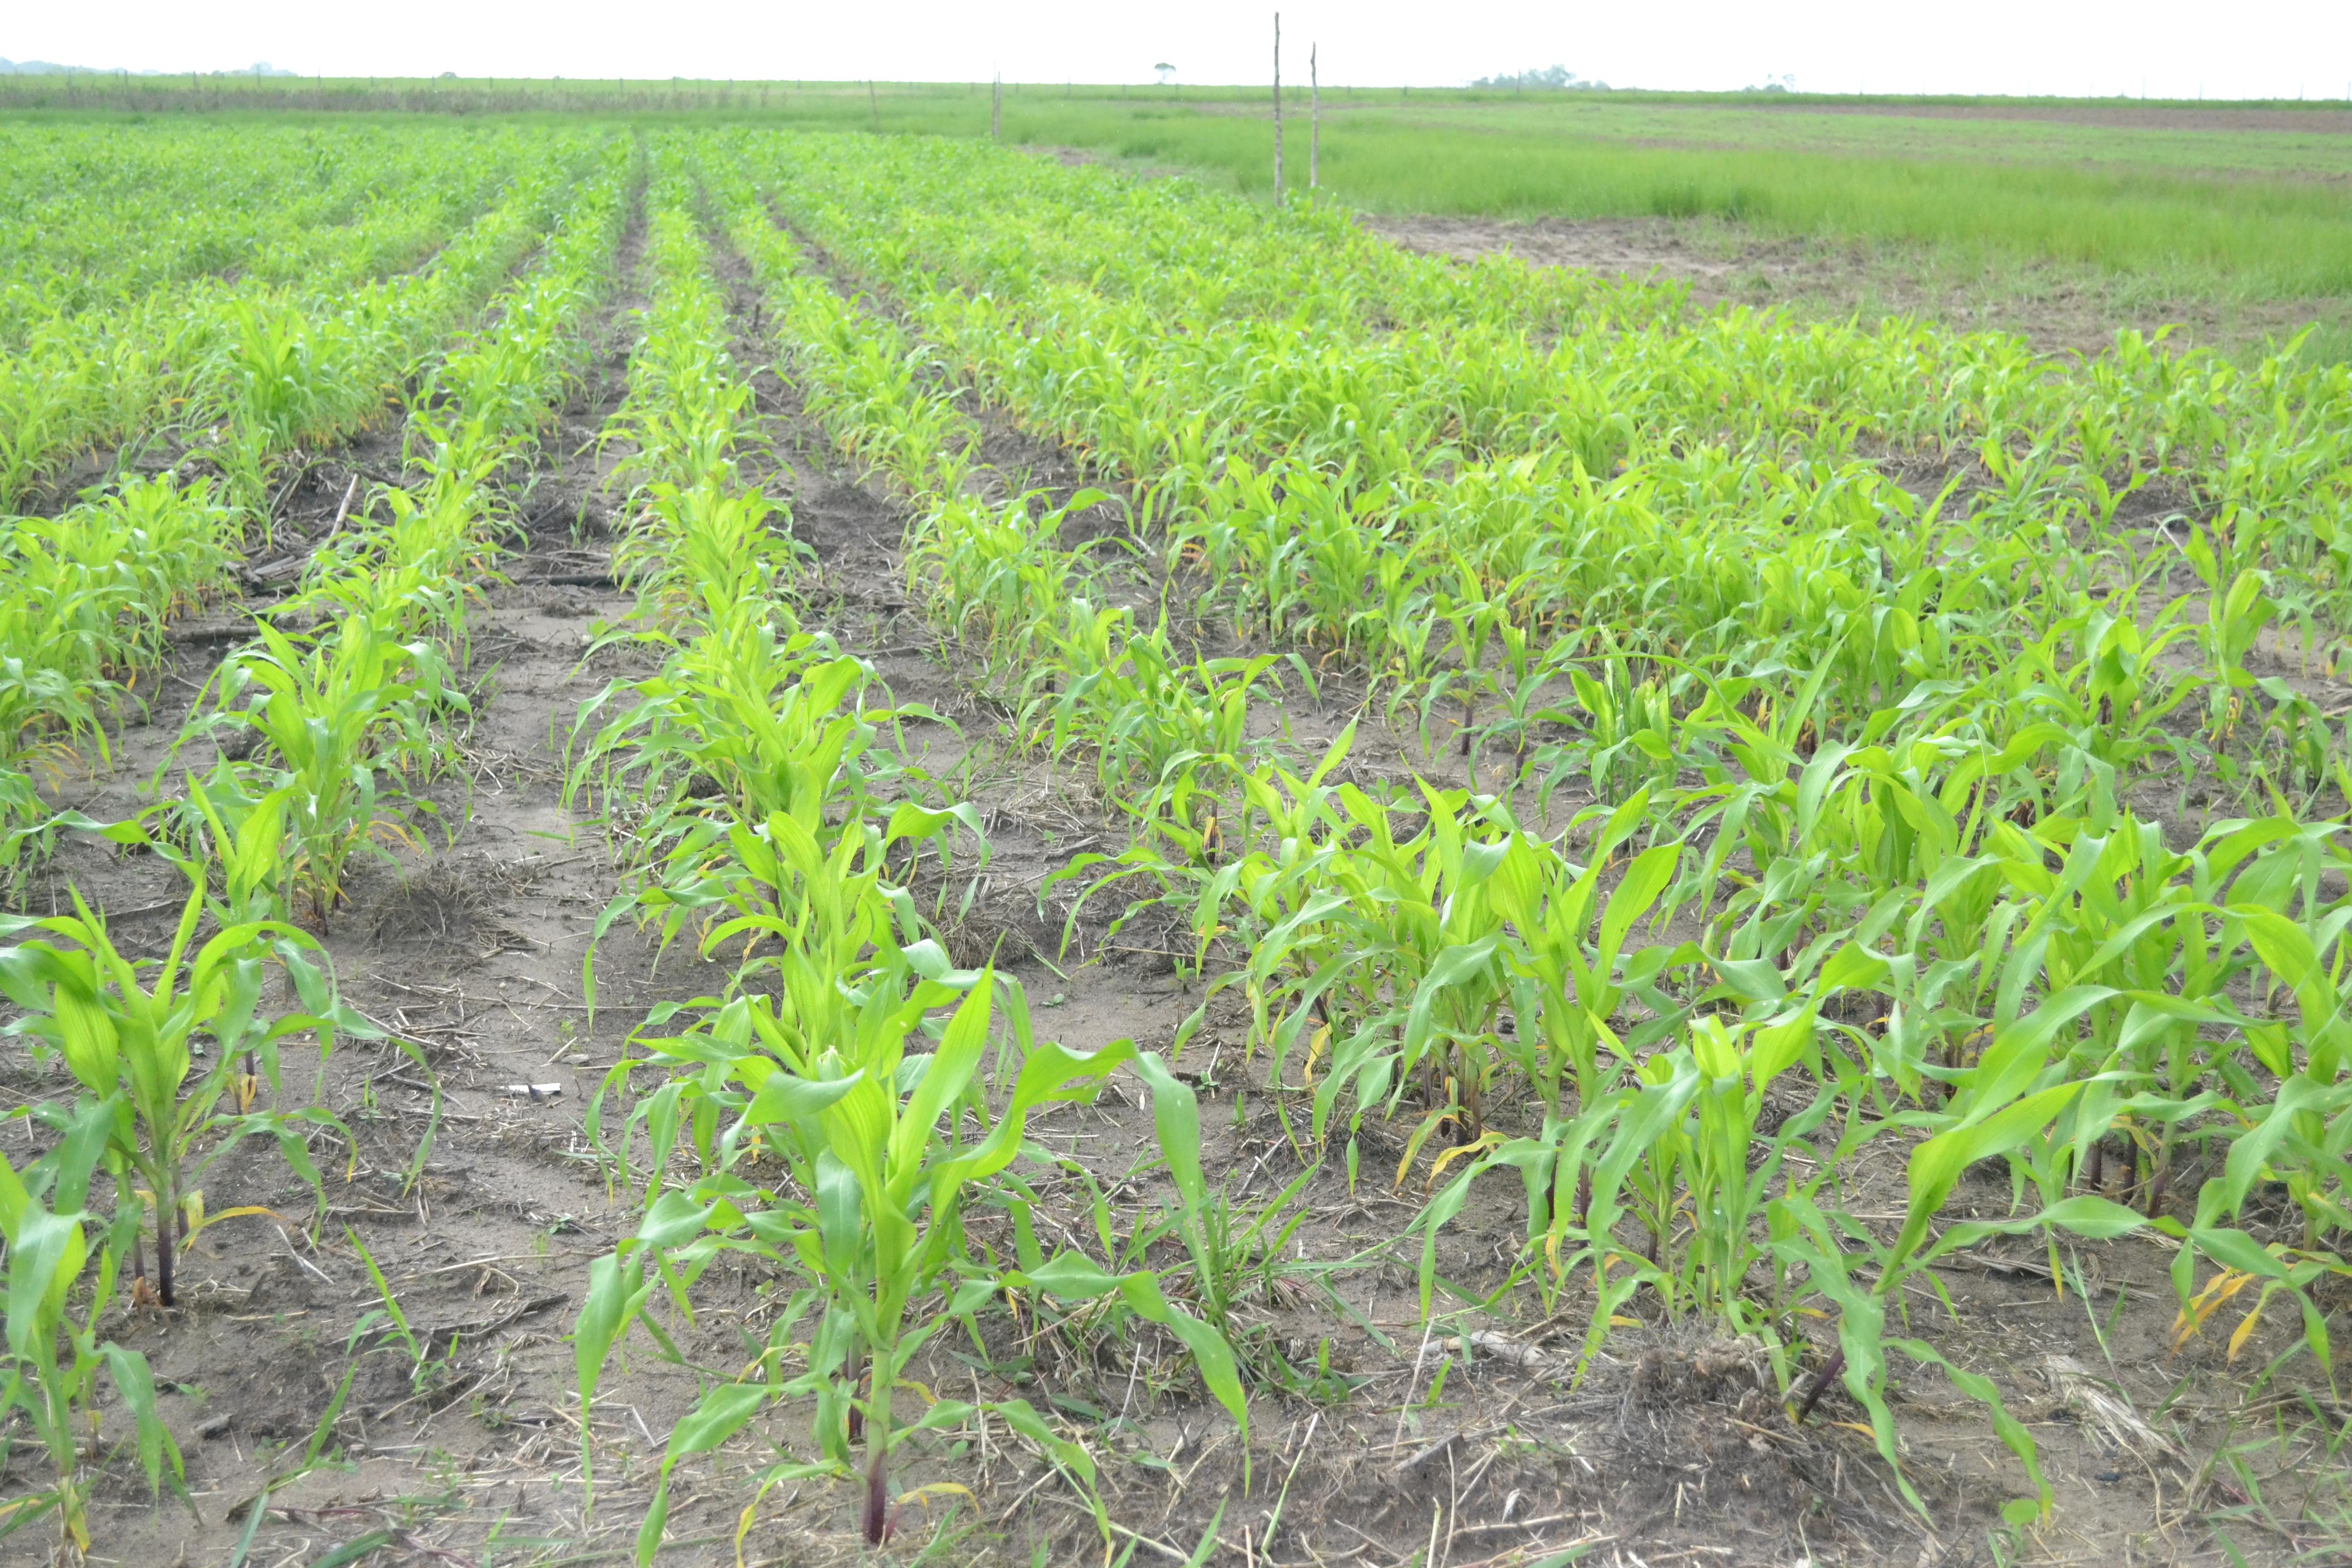 Corn growing at a farm in Ebini